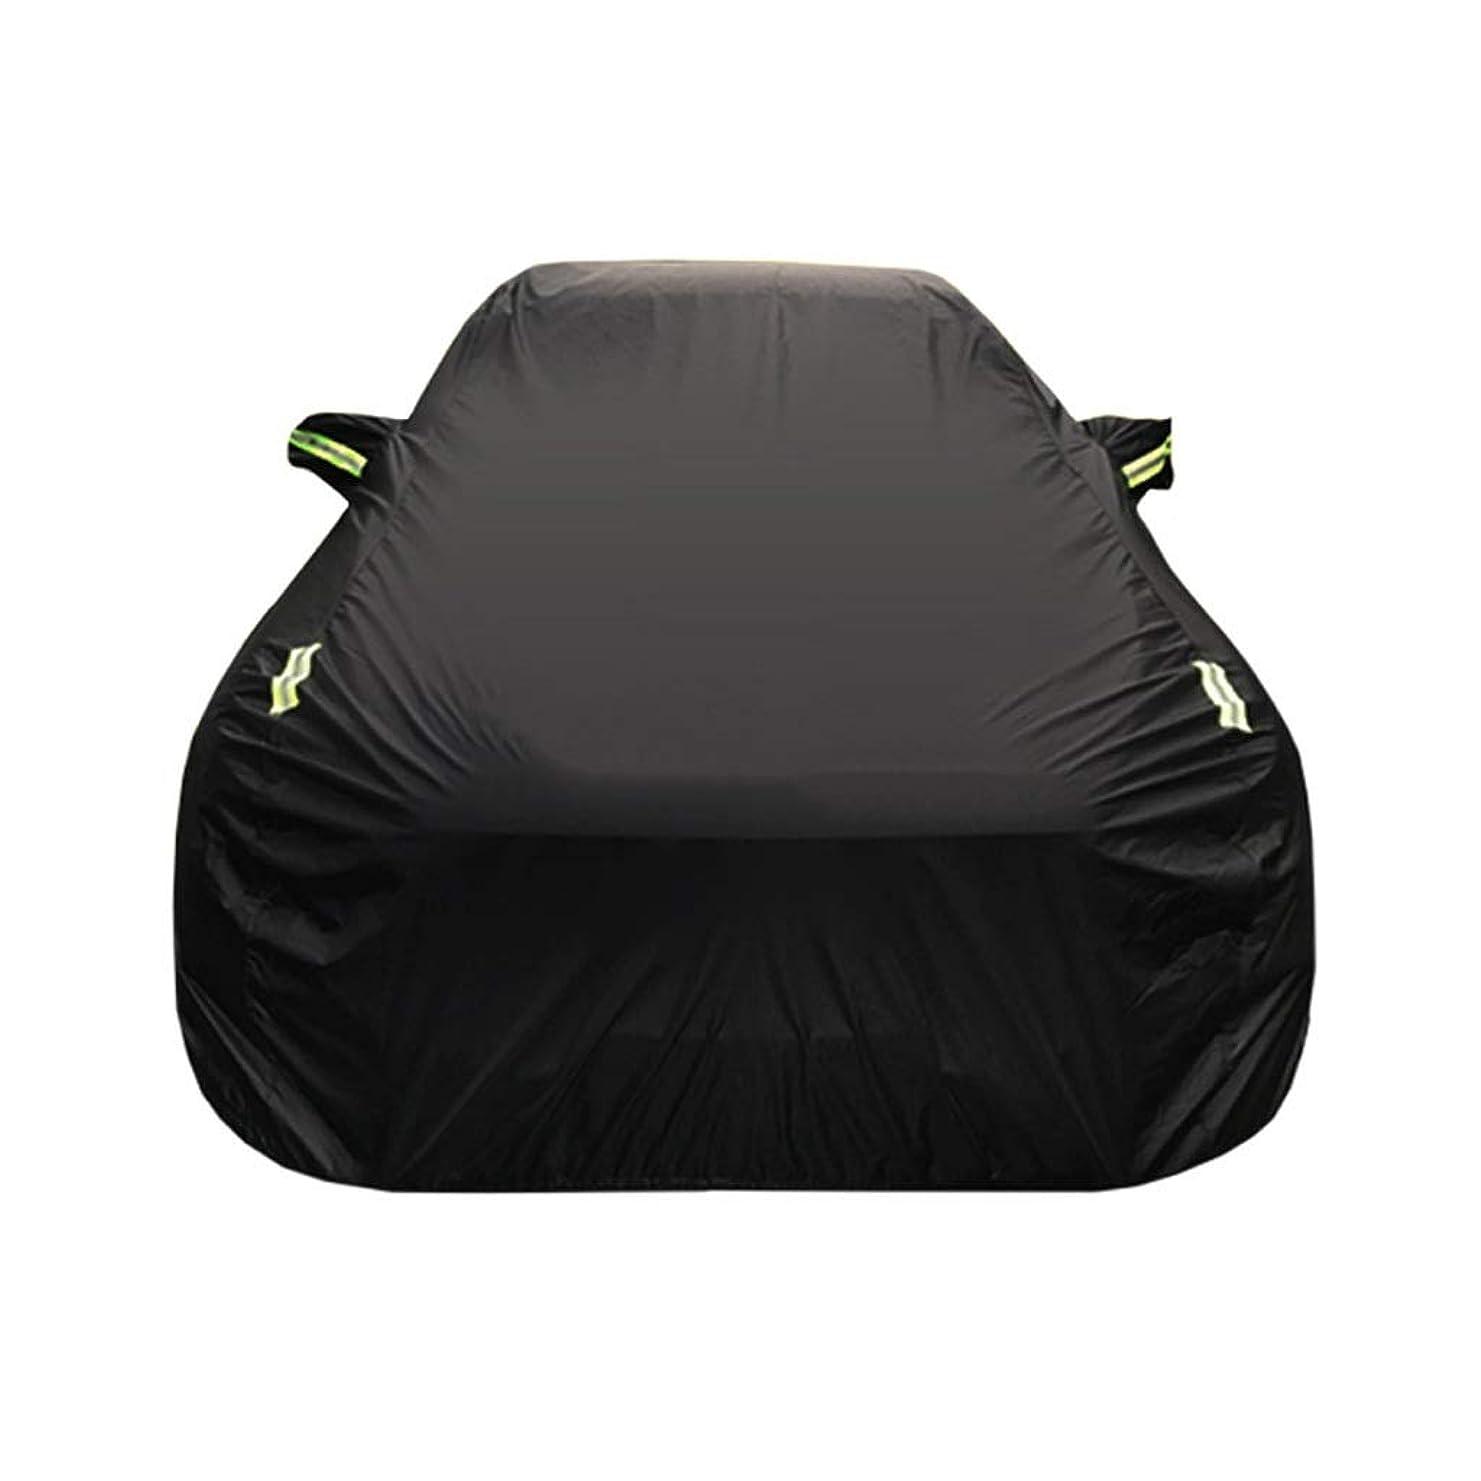 パネルチェスをする探す車のカバー アウディRS3特別な車のカバー車の服厚いオックスフォード布日焼け止めレインカバー車の布カーカバー (Size : Oxford cloth - built-in lint)